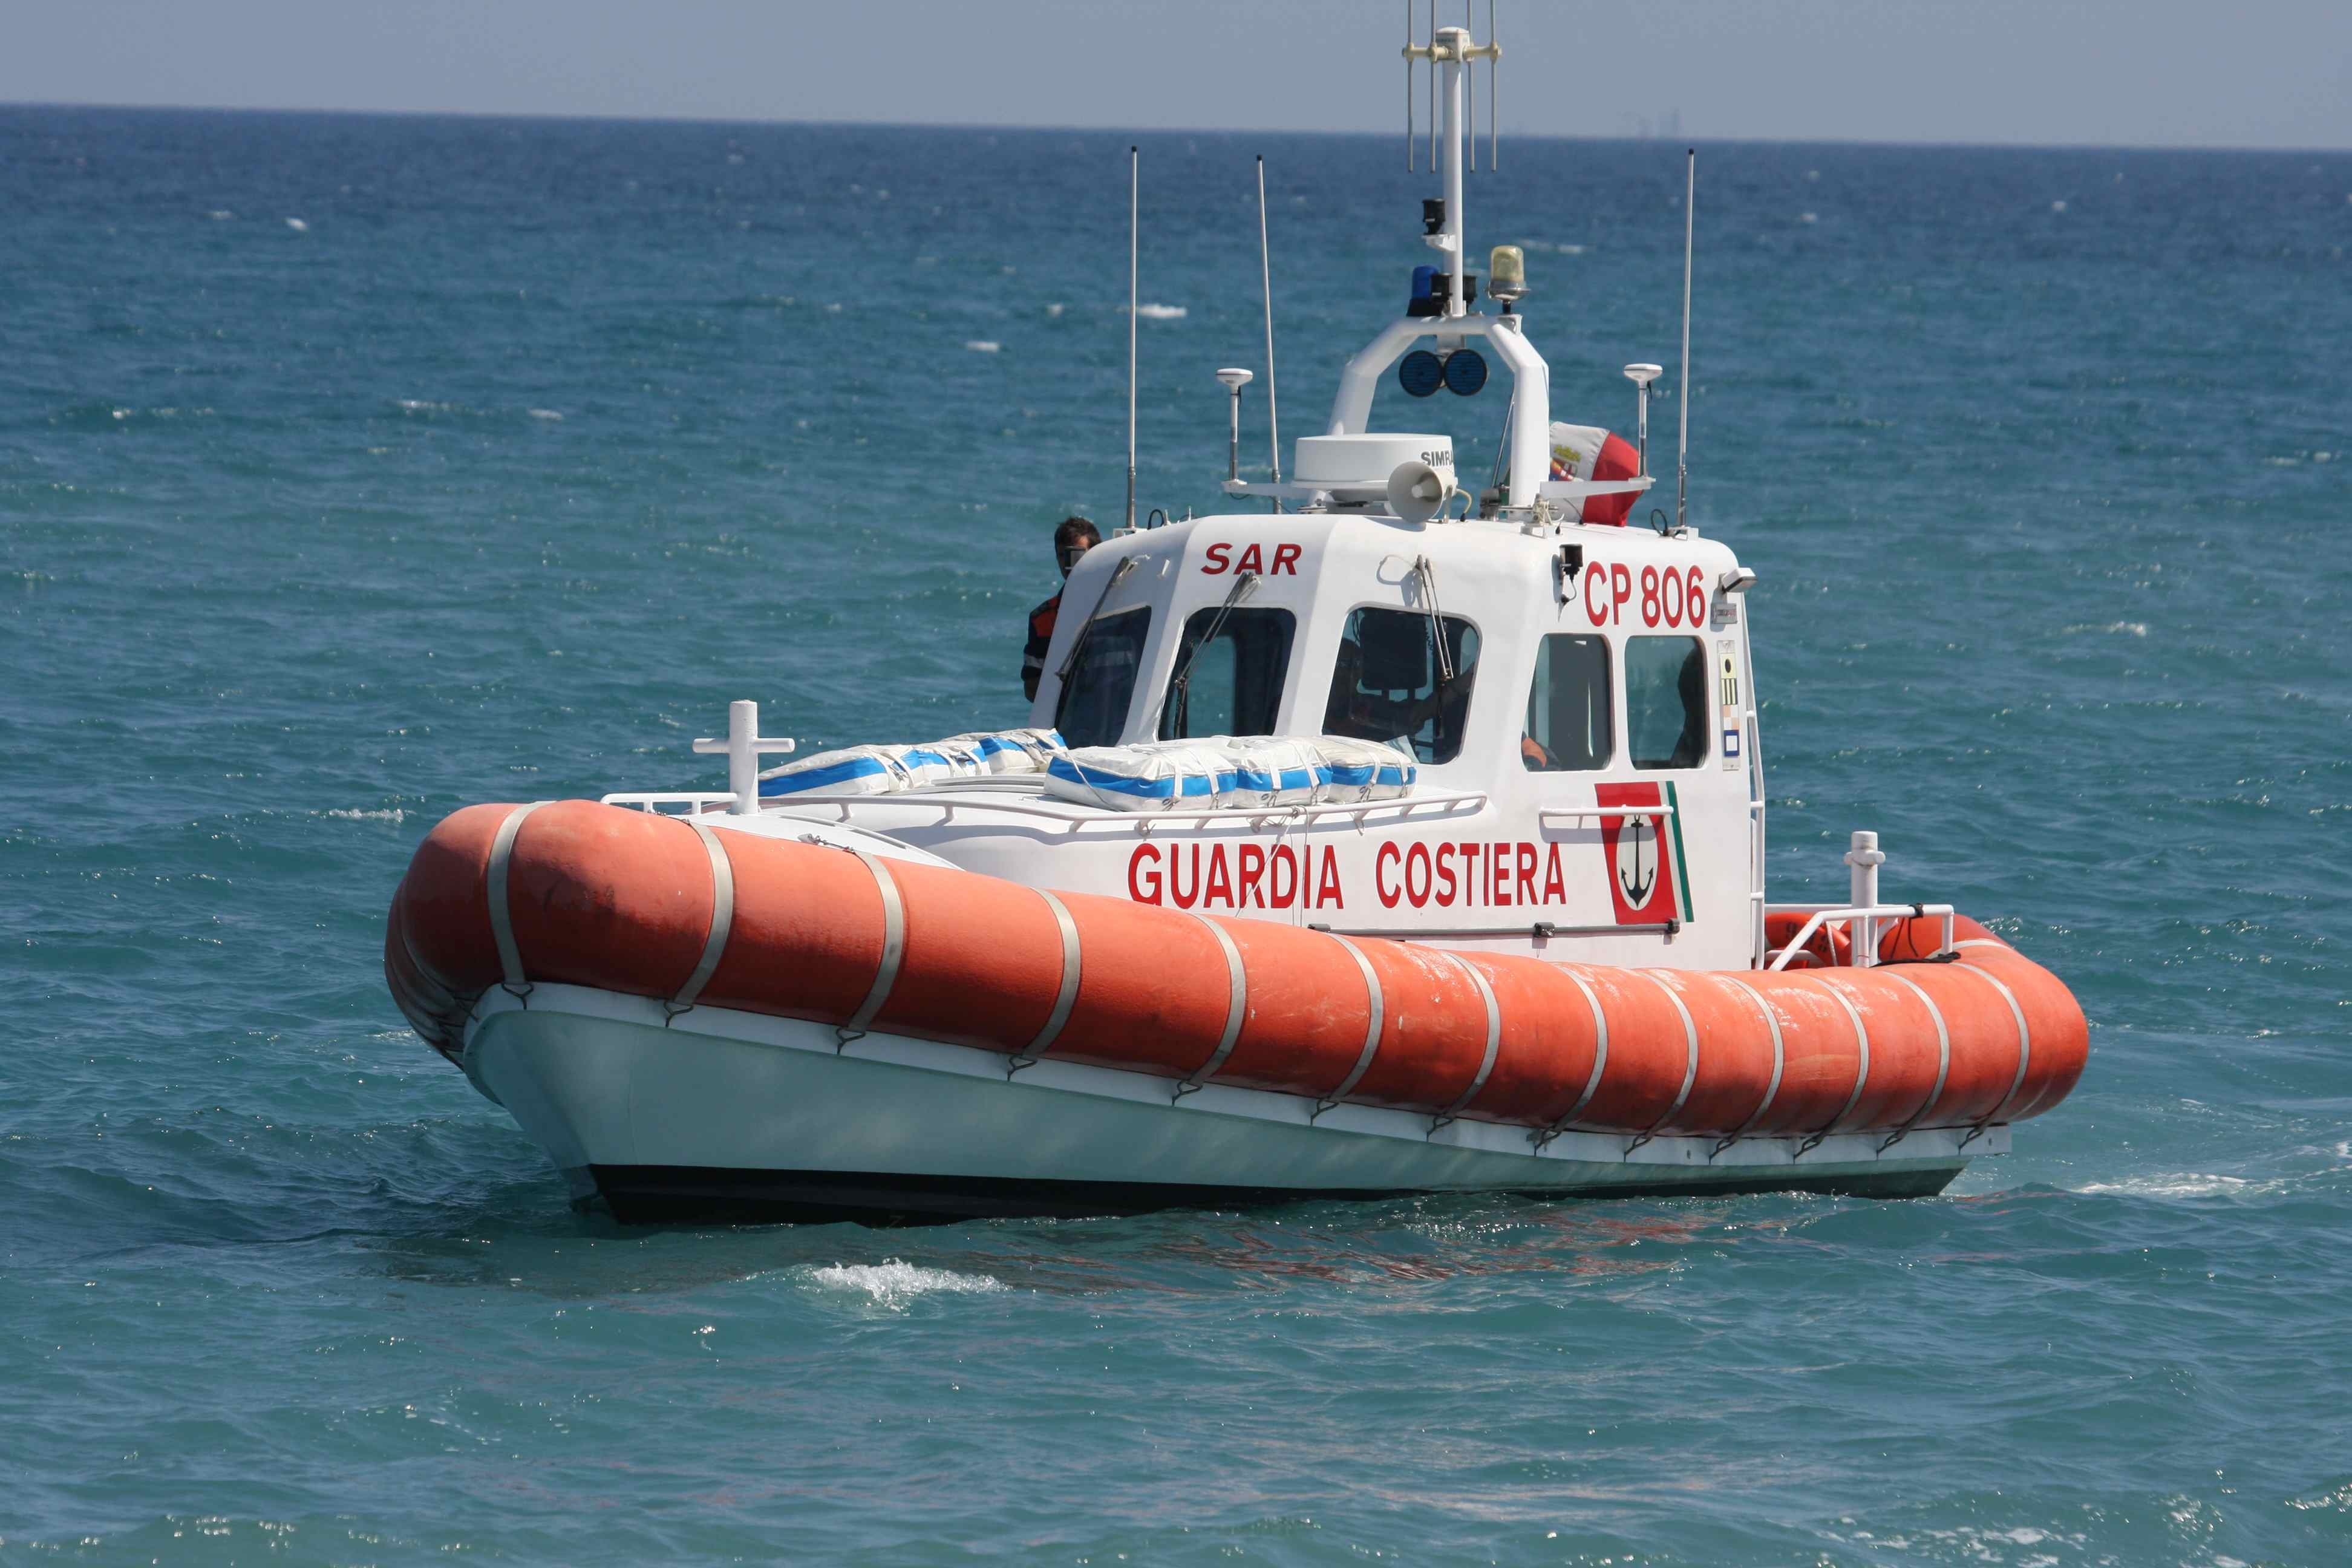 Tragedia in mare, ripescato cadavere di una donna